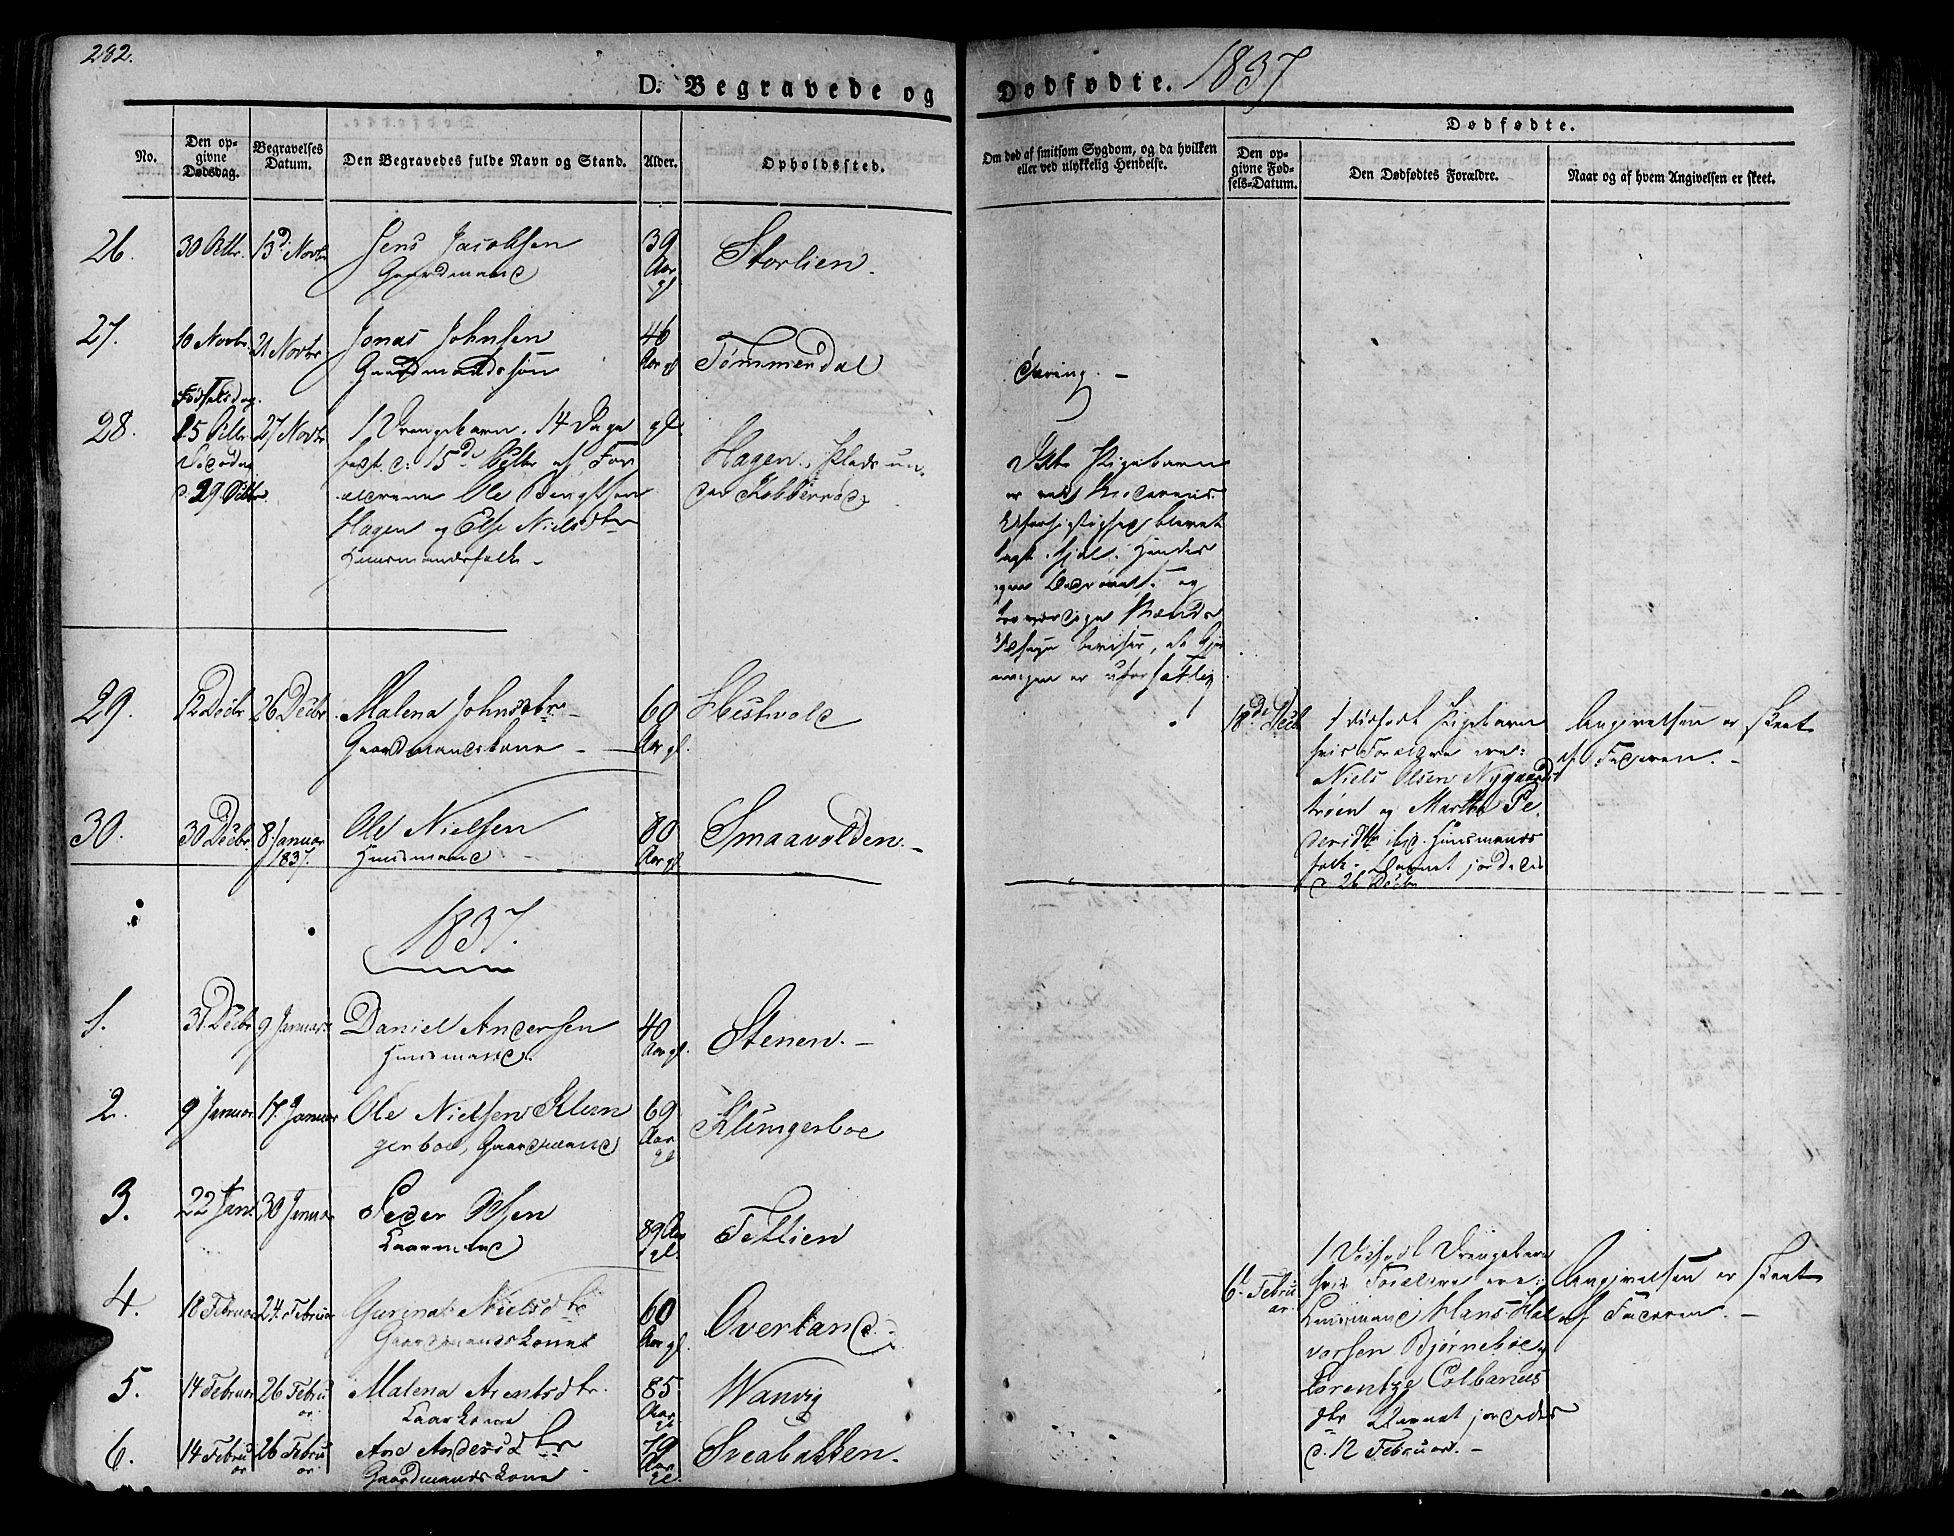 SAT, Ministerialprotokoller, klokkerbøker og fødselsregistre - Nord-Trøndelag, 701/L0006: Ministerialbok nr. 701A06, 1825-1841, s. 282